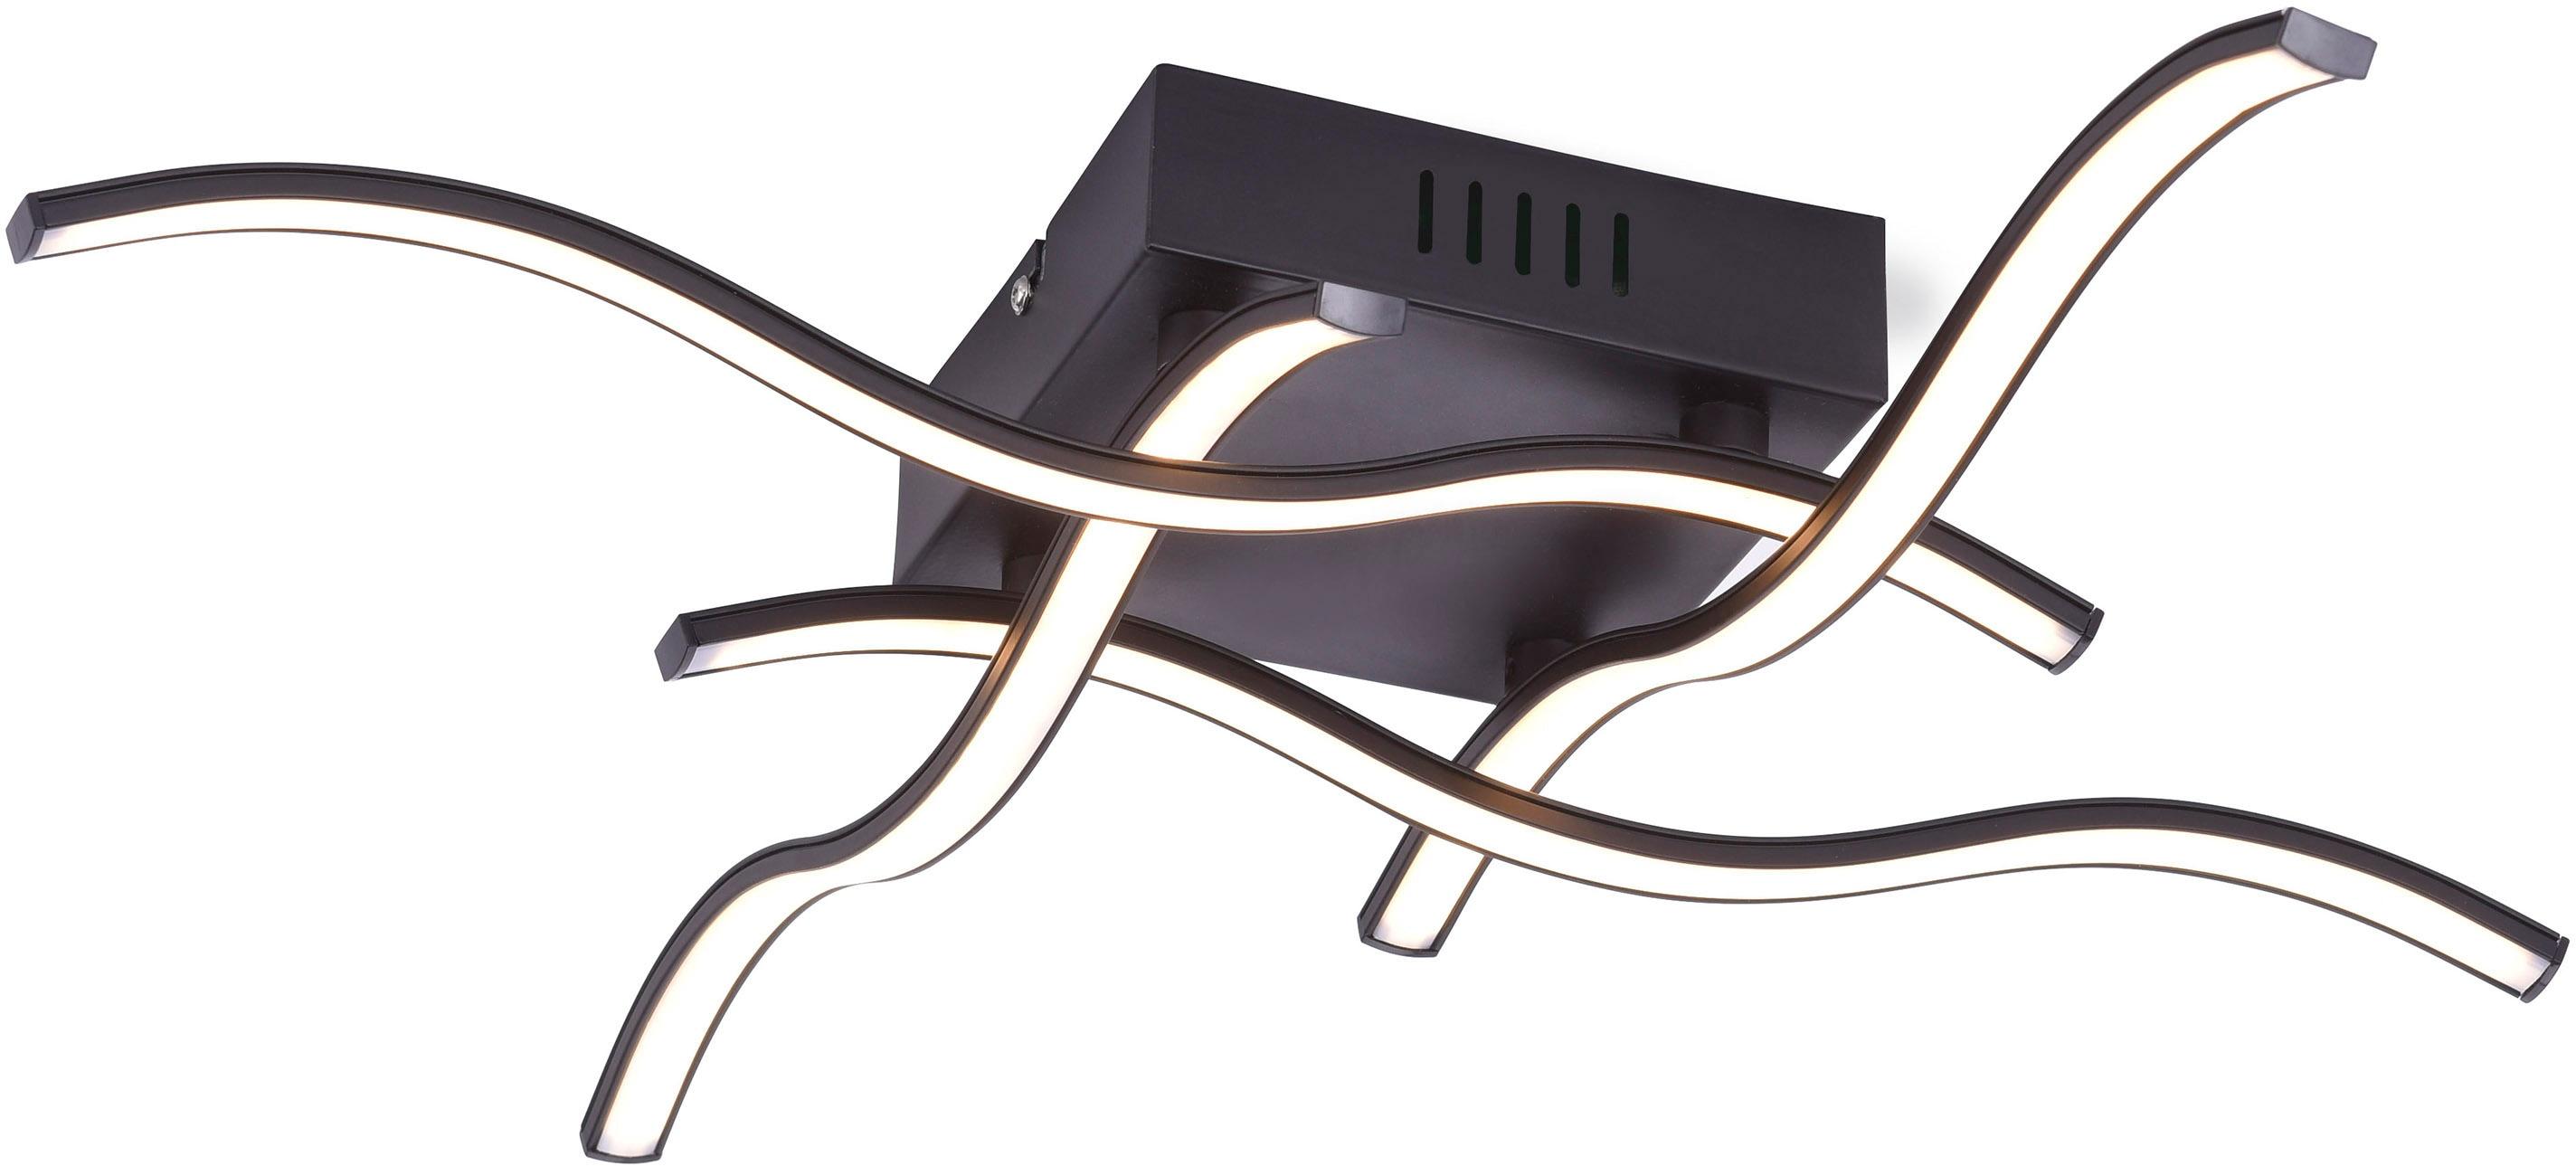 Leuchten Direkt LED Deckenleuchte WAVE, LED-Board, 1 St., Warmweiß, LED Deckenlampe